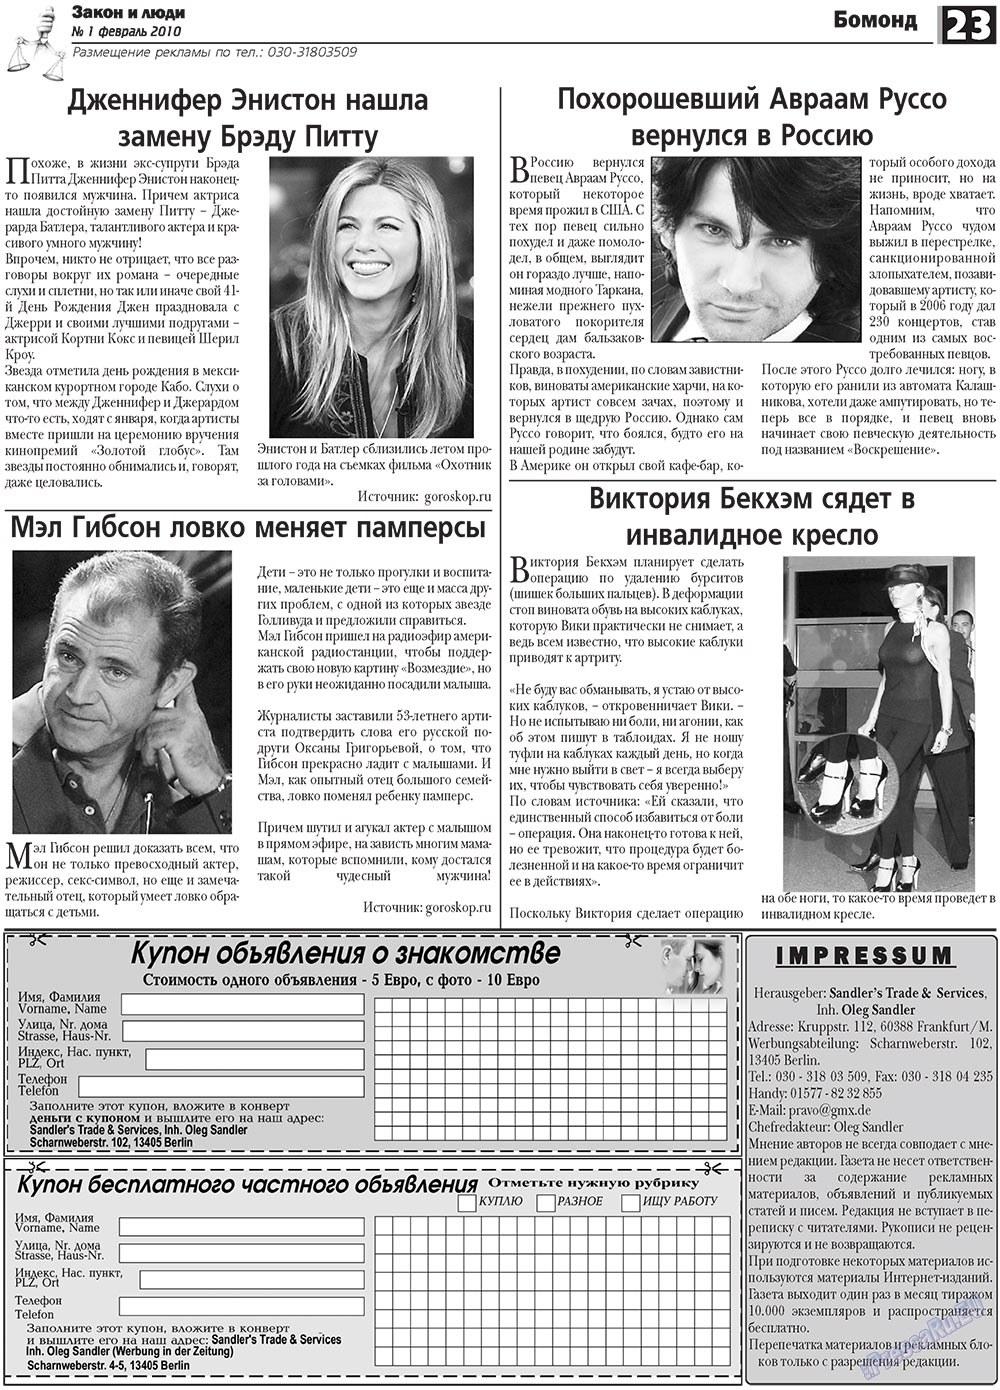 Закон и люди (газета). 2010 год, номер 1, стр. 23